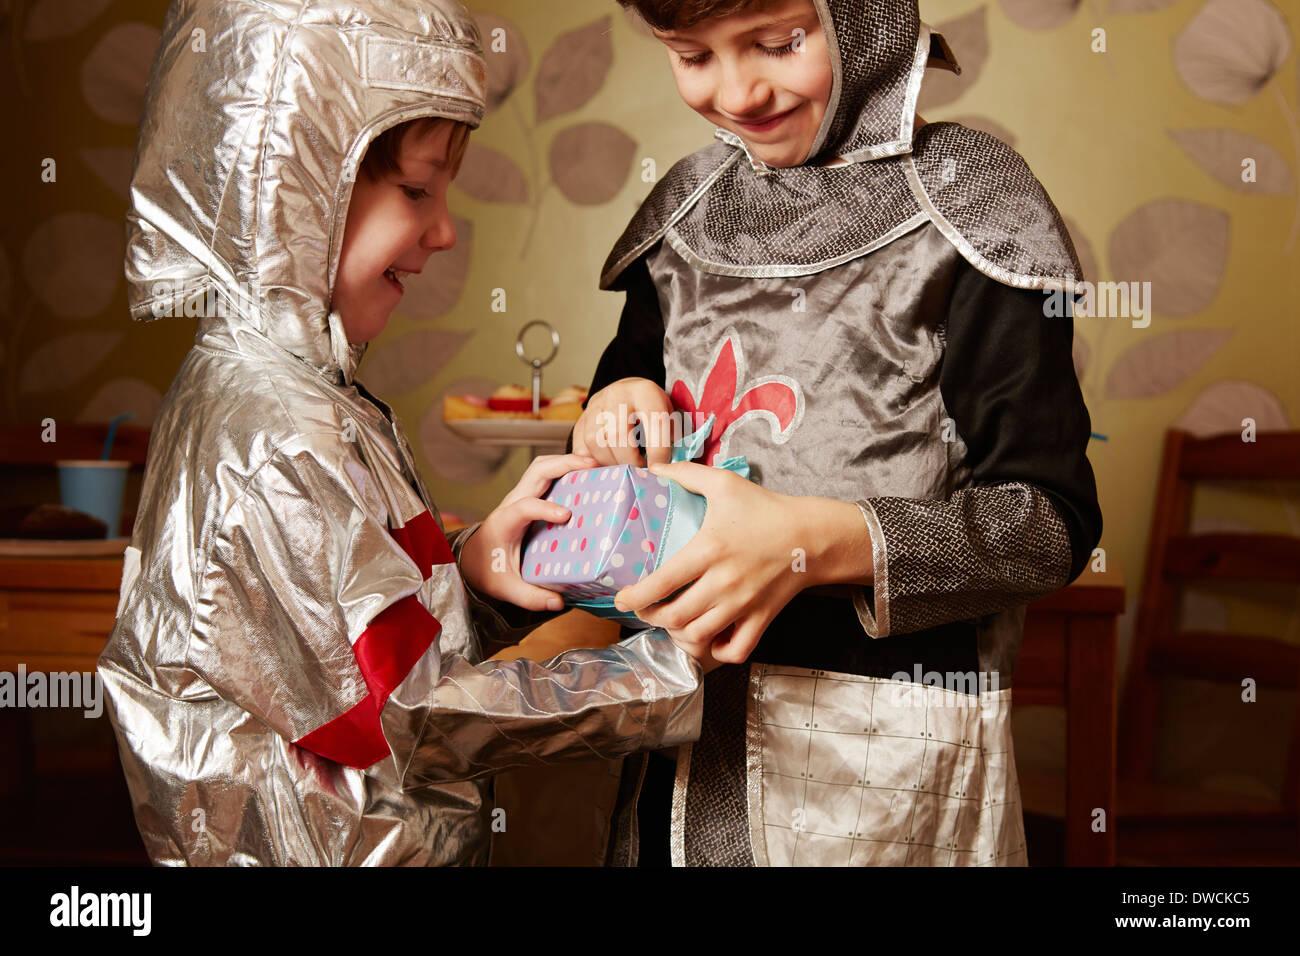 Dos muchachos vestidos como caballeros, recibir un regalo de cumpleaños Imagen De Stock